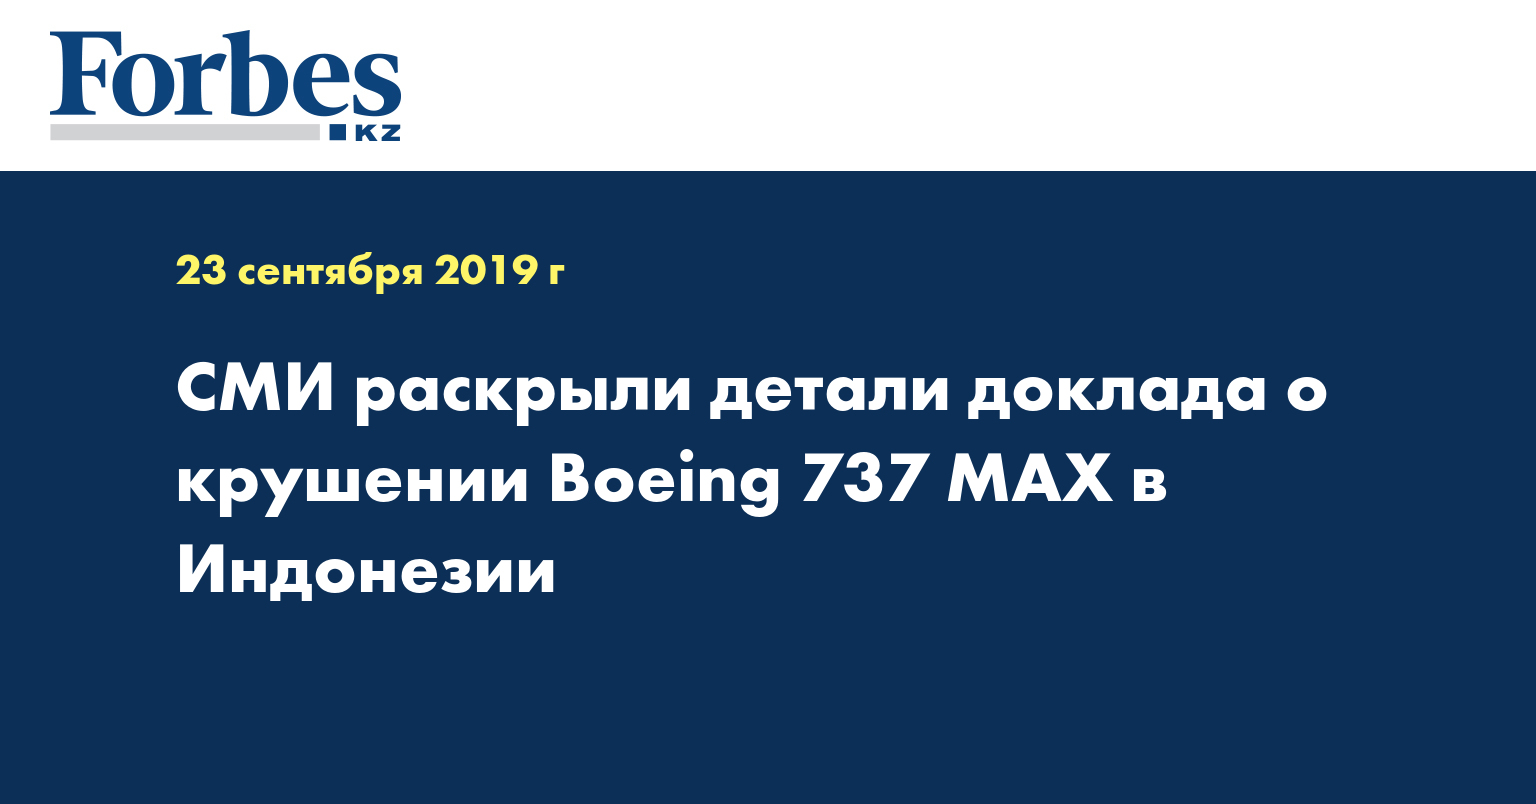 СМИ раскрыли детали доклада о крушении Boeing 737 MAX в Индонезии